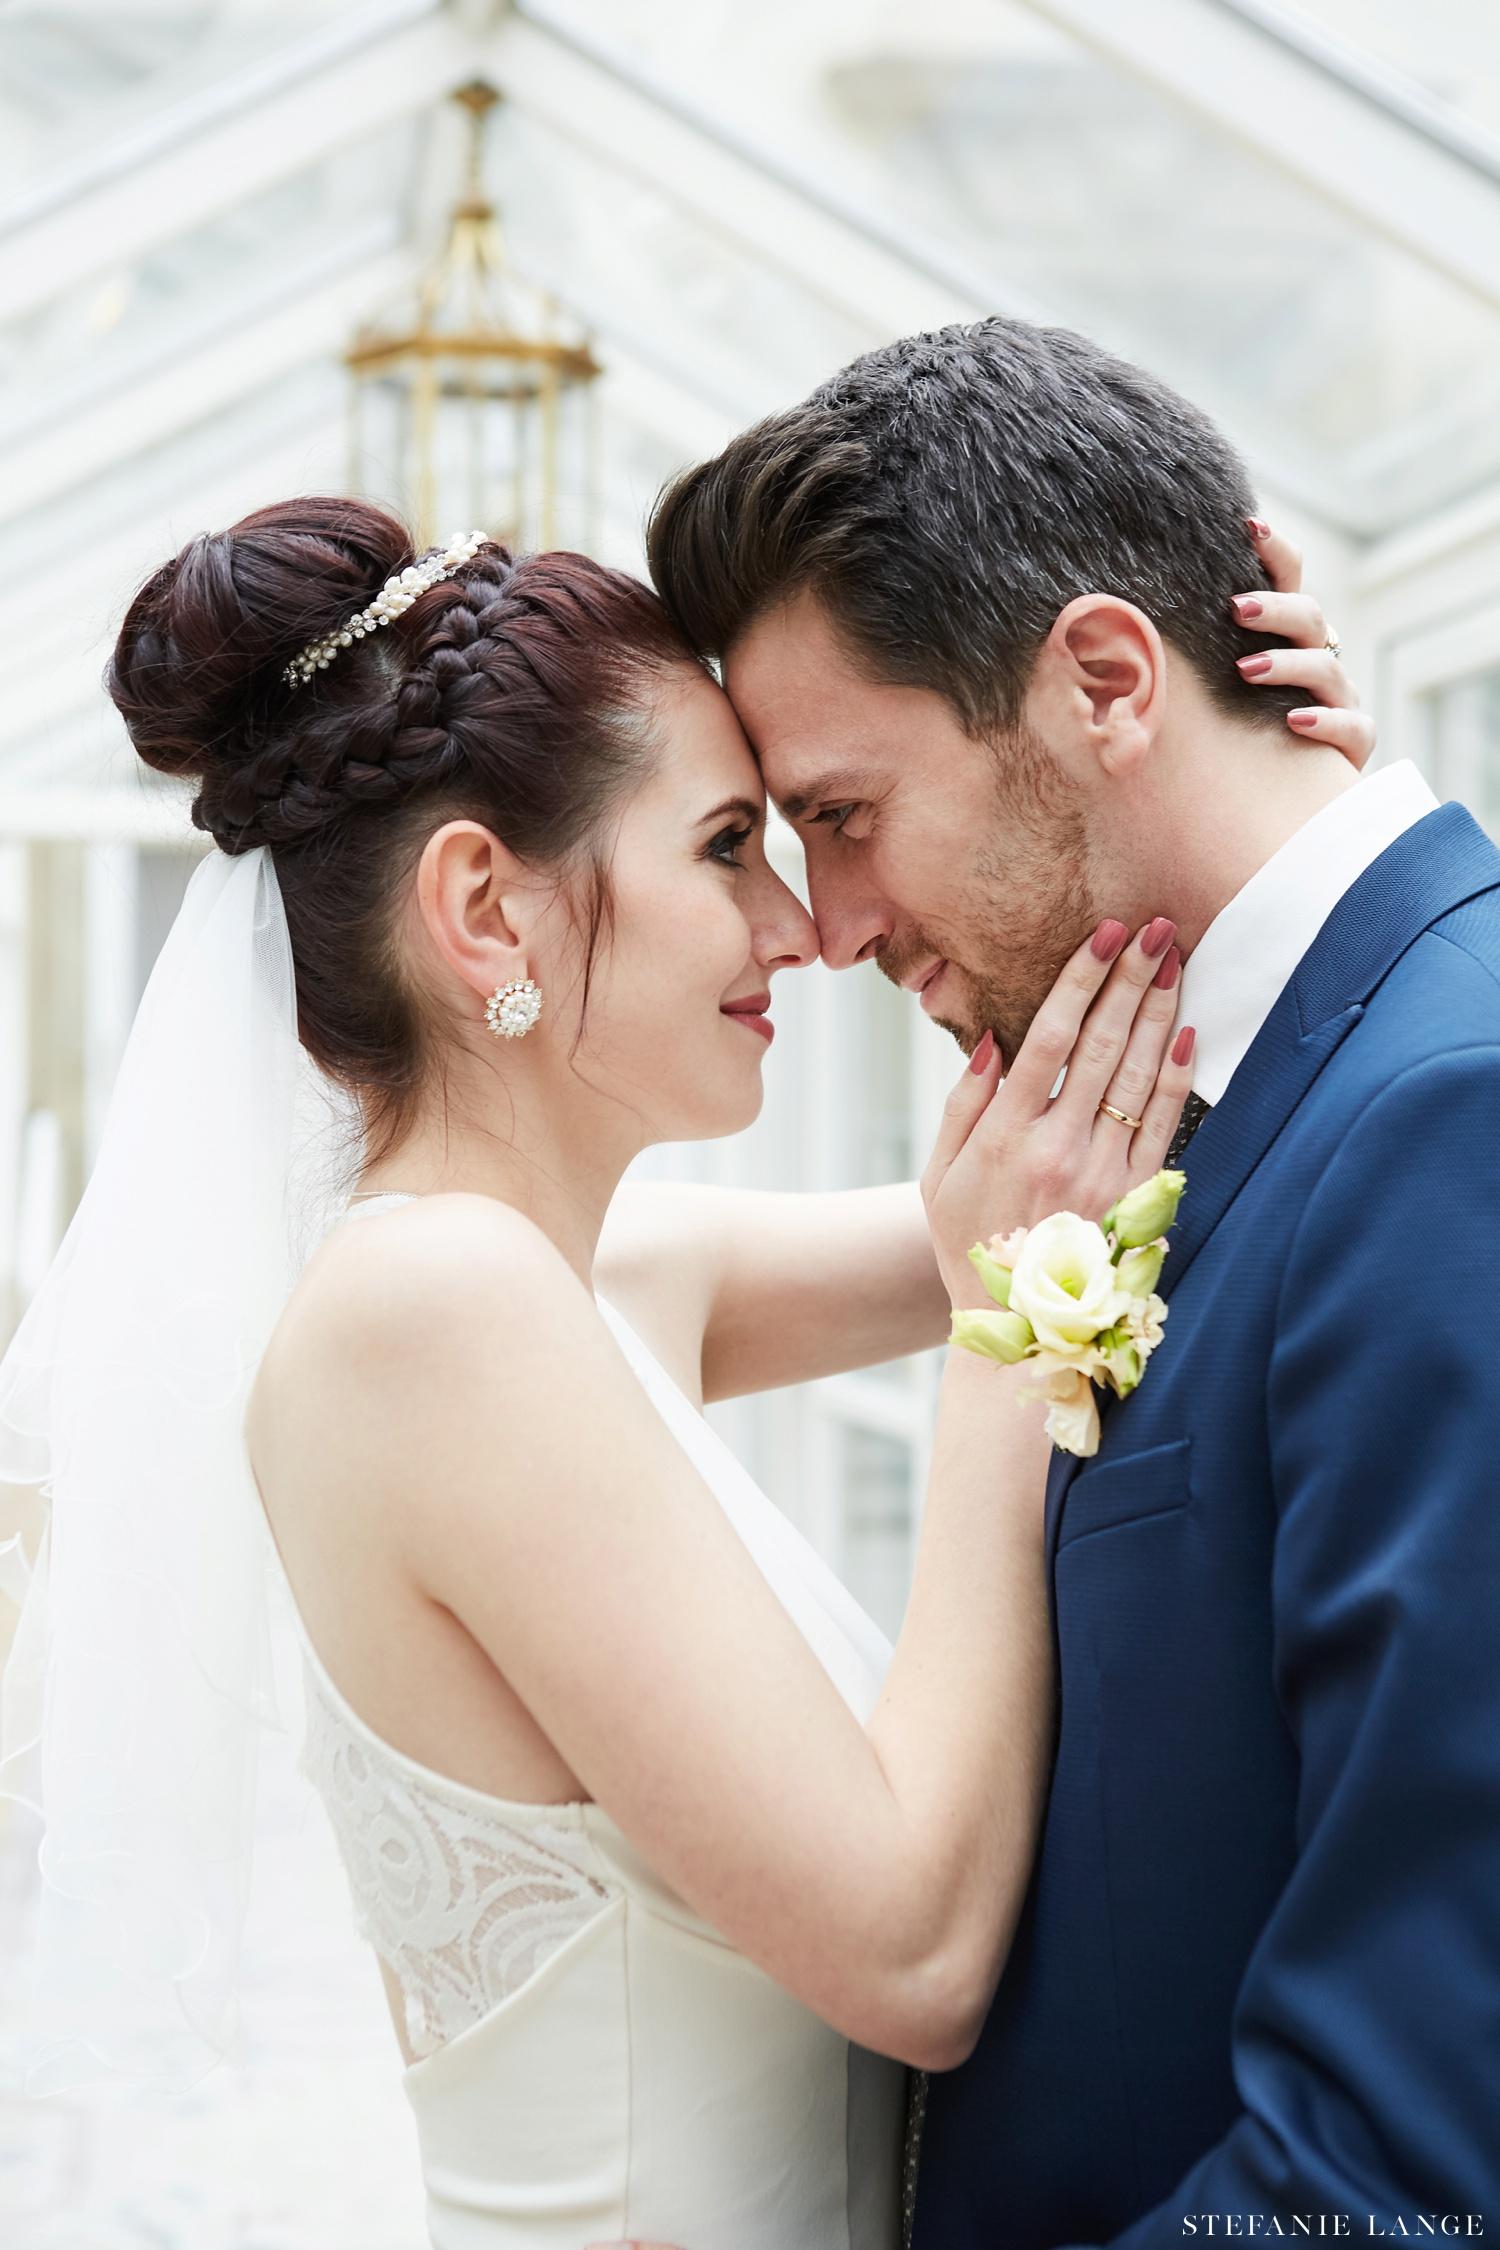 Hochzeit im Patrick Hellmann Schlosshotel Grunewald in Berlin - Hochzeitsfotos vom Brautpaar